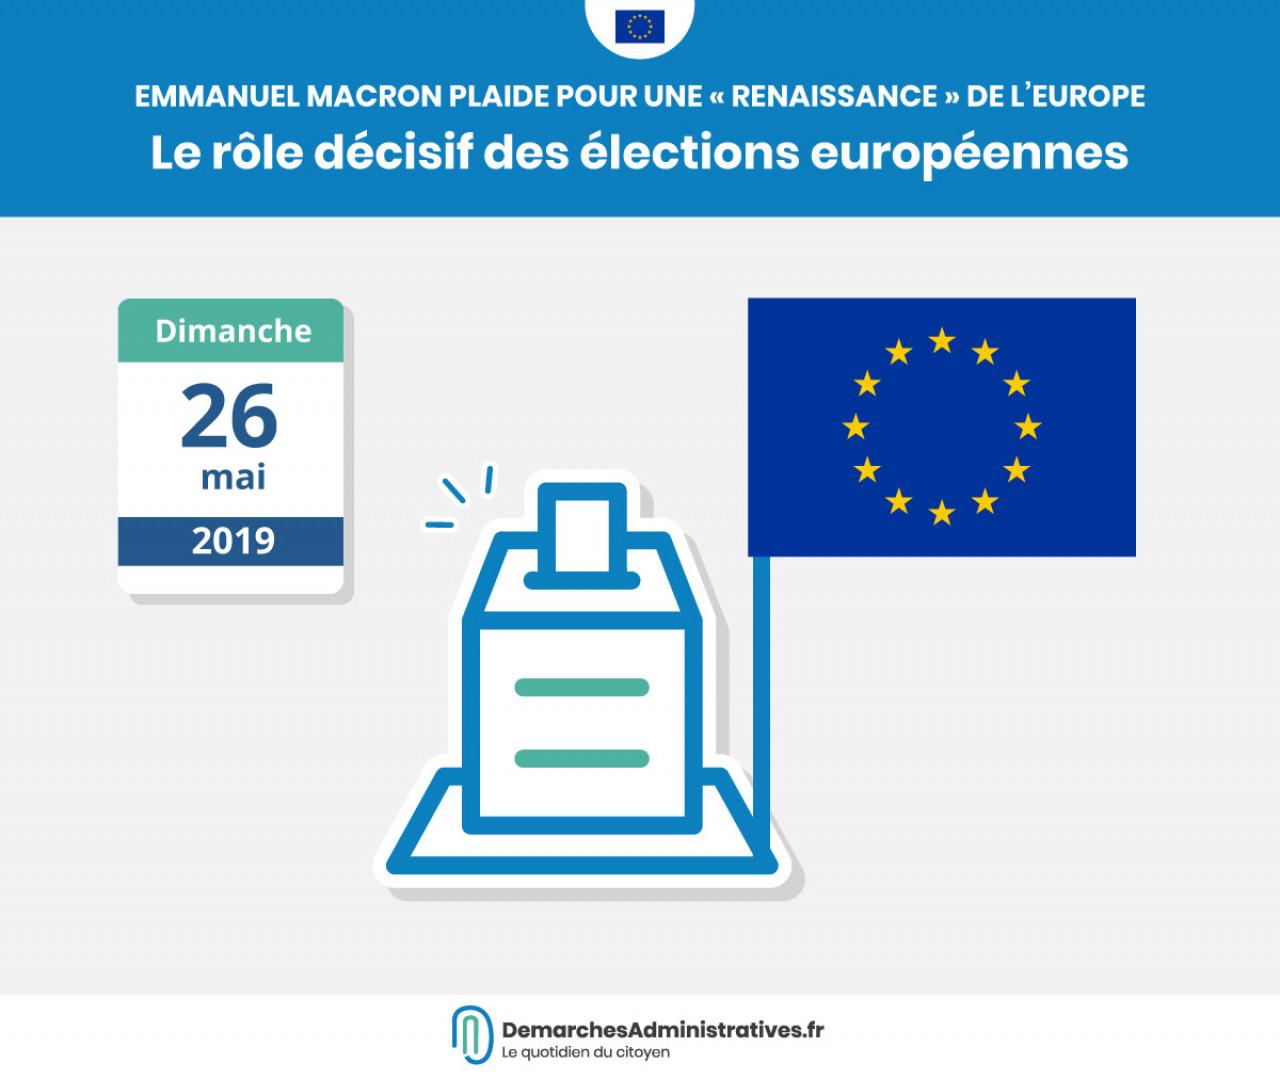 Emmanuel Macron plaide pour une «renaissance» de l'Europe